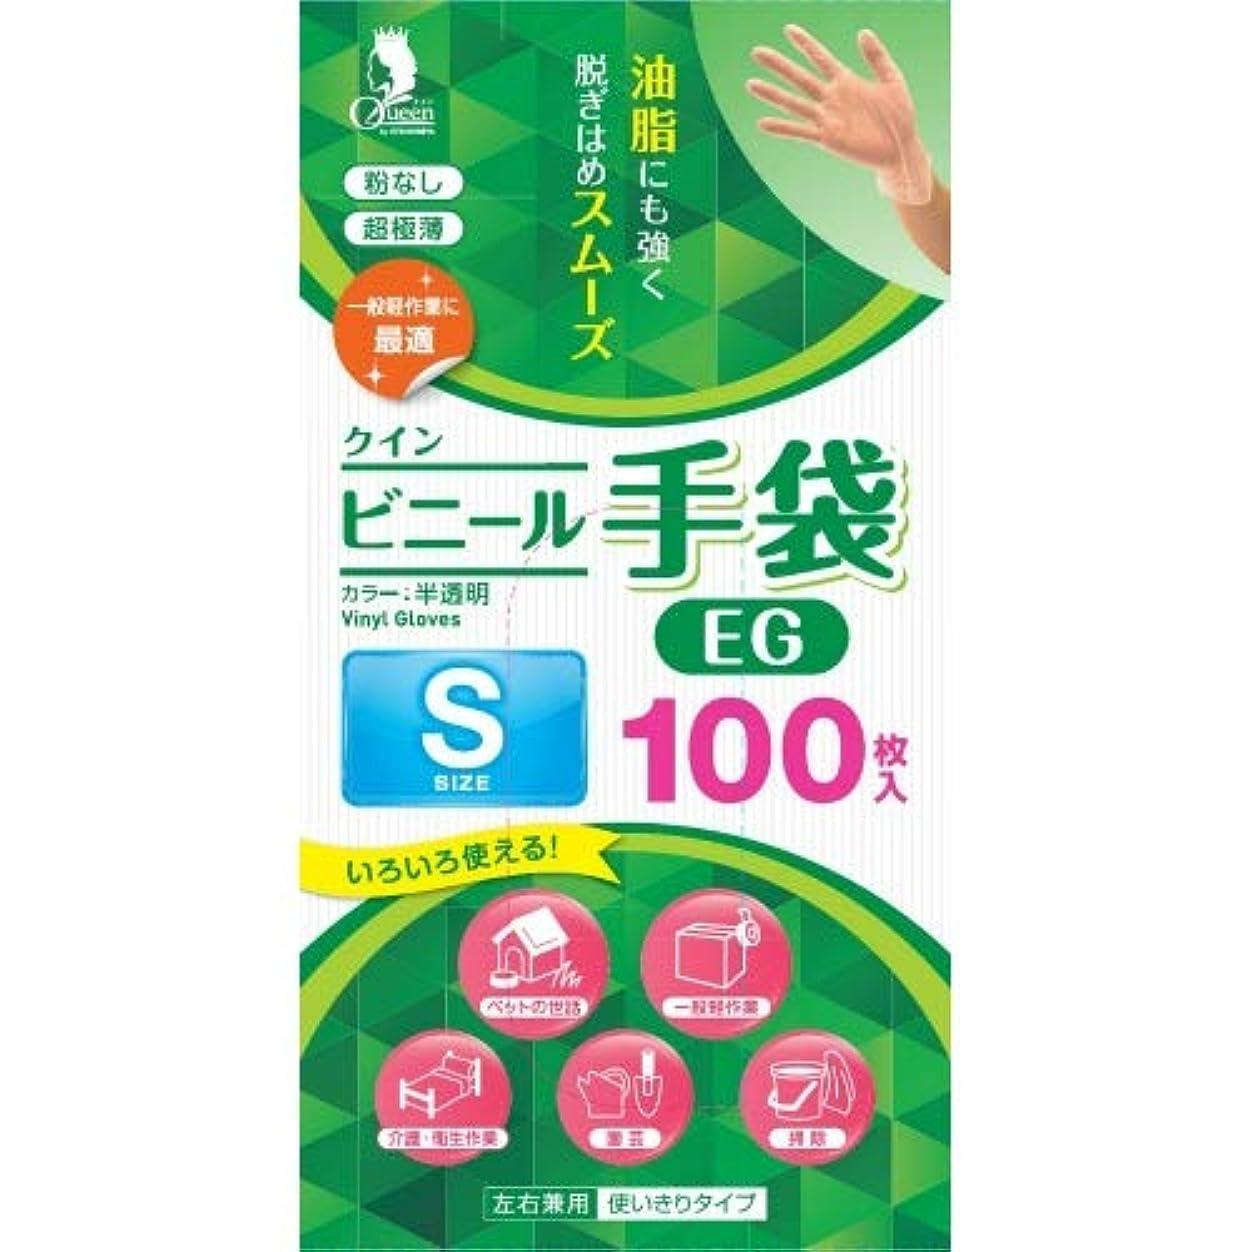 宇都宮製作 クイン ビニール手袋 EG 粉なし 100枚入 Sサイズ